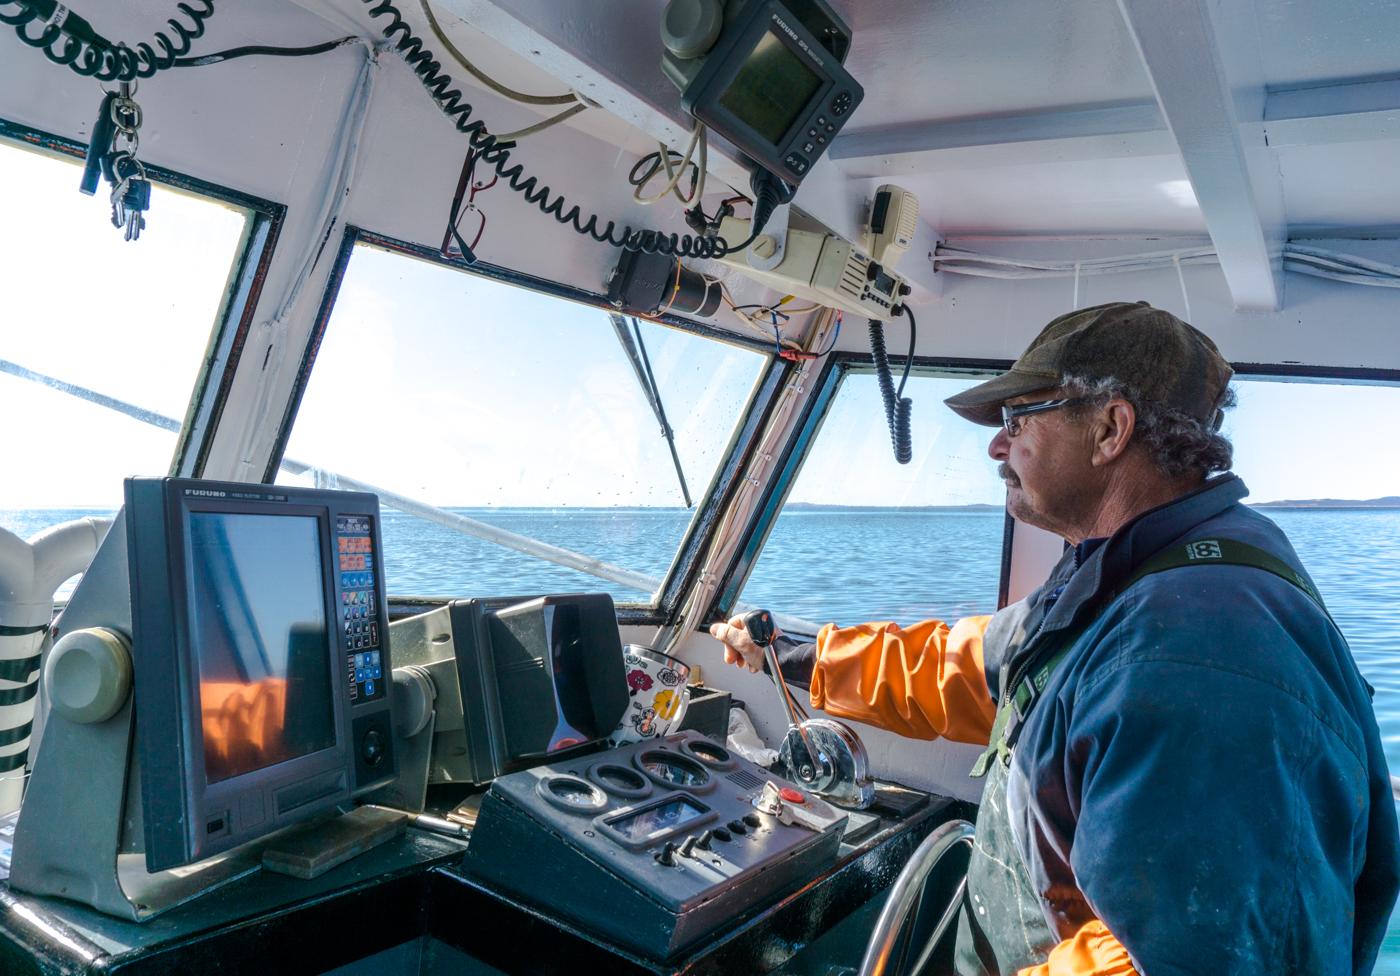 Jeannot aux commandes de son bateau homardier